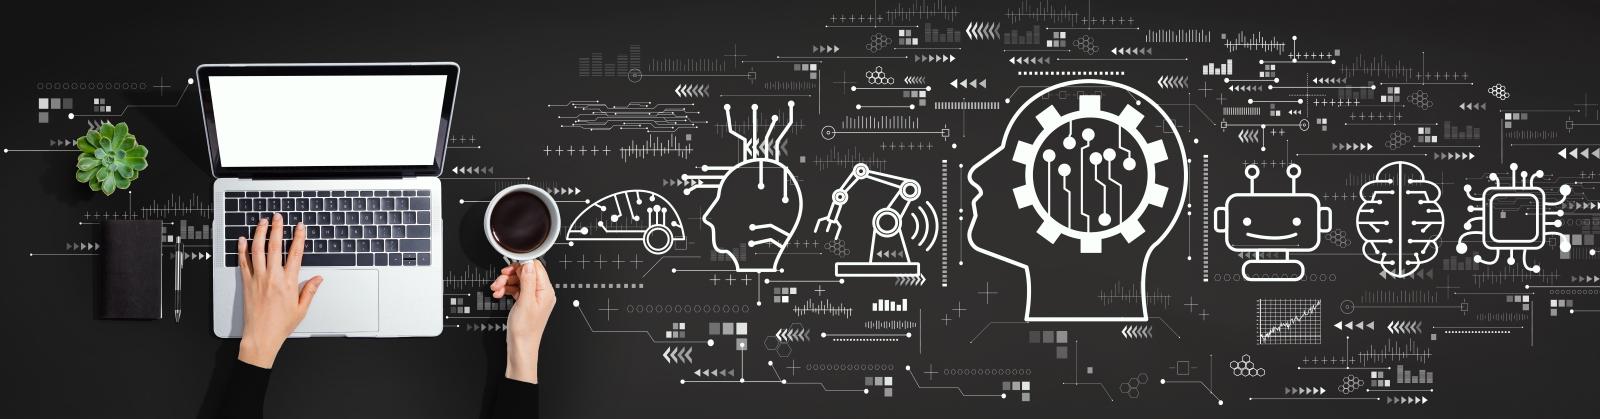 Makine Öğrenimi (Machine Learning) Nedir?